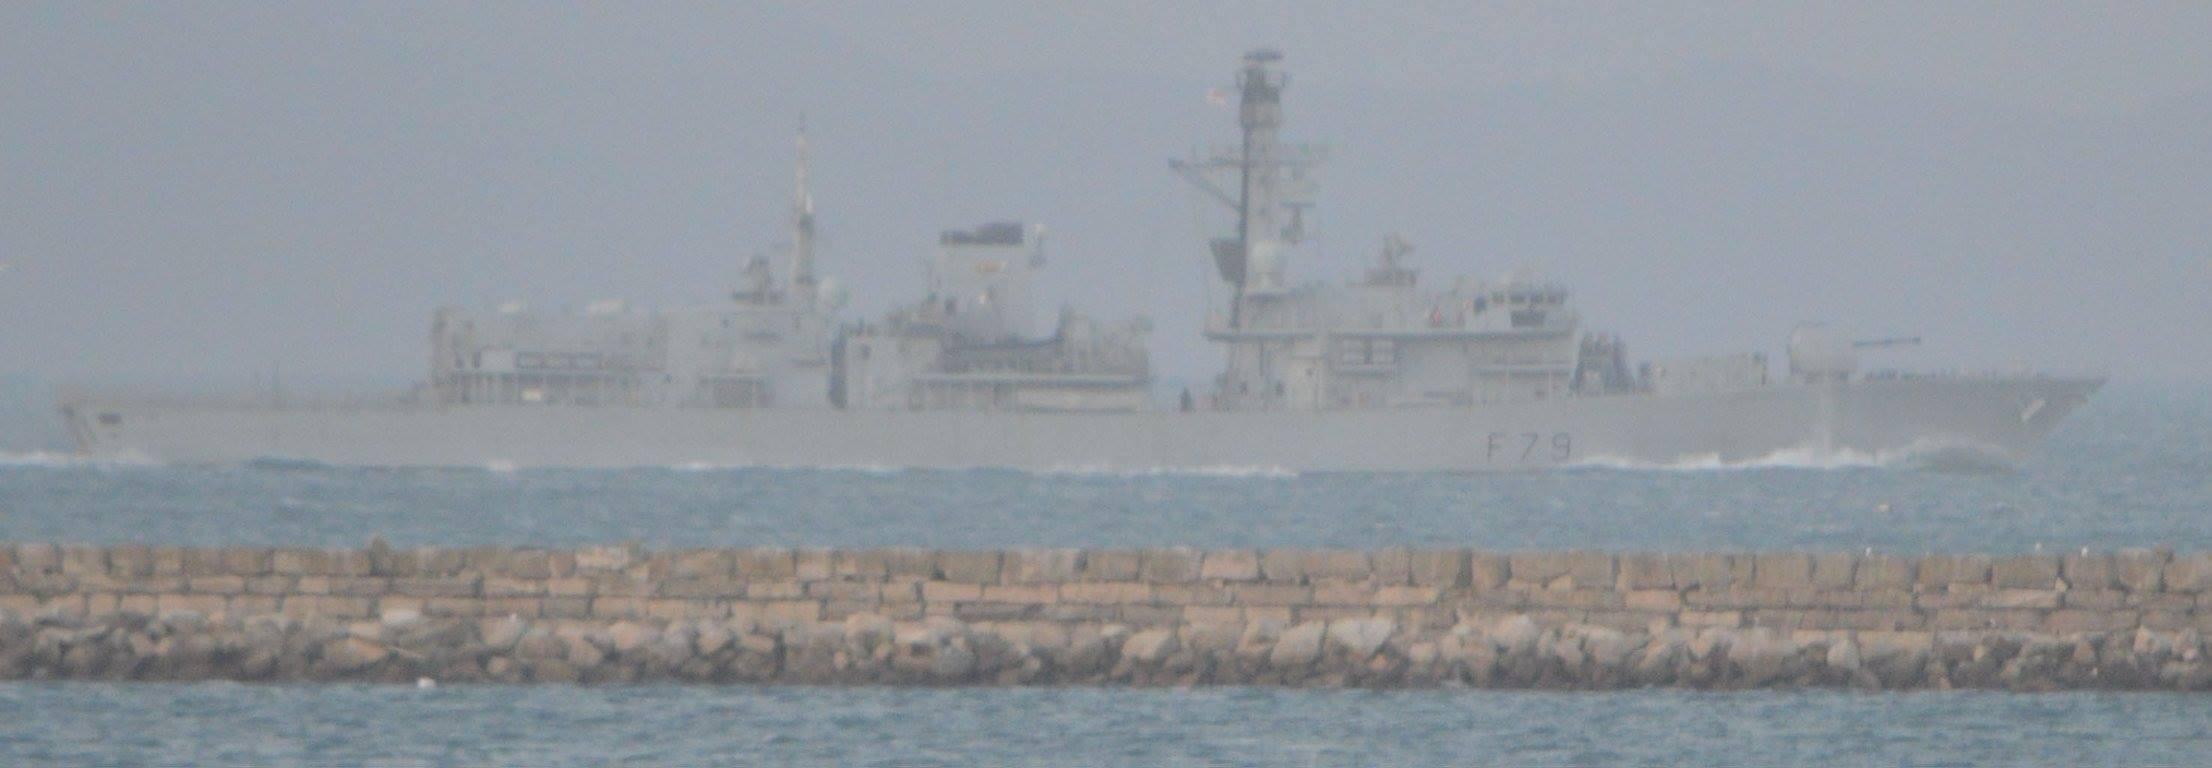 HMS Portland off Breakwater